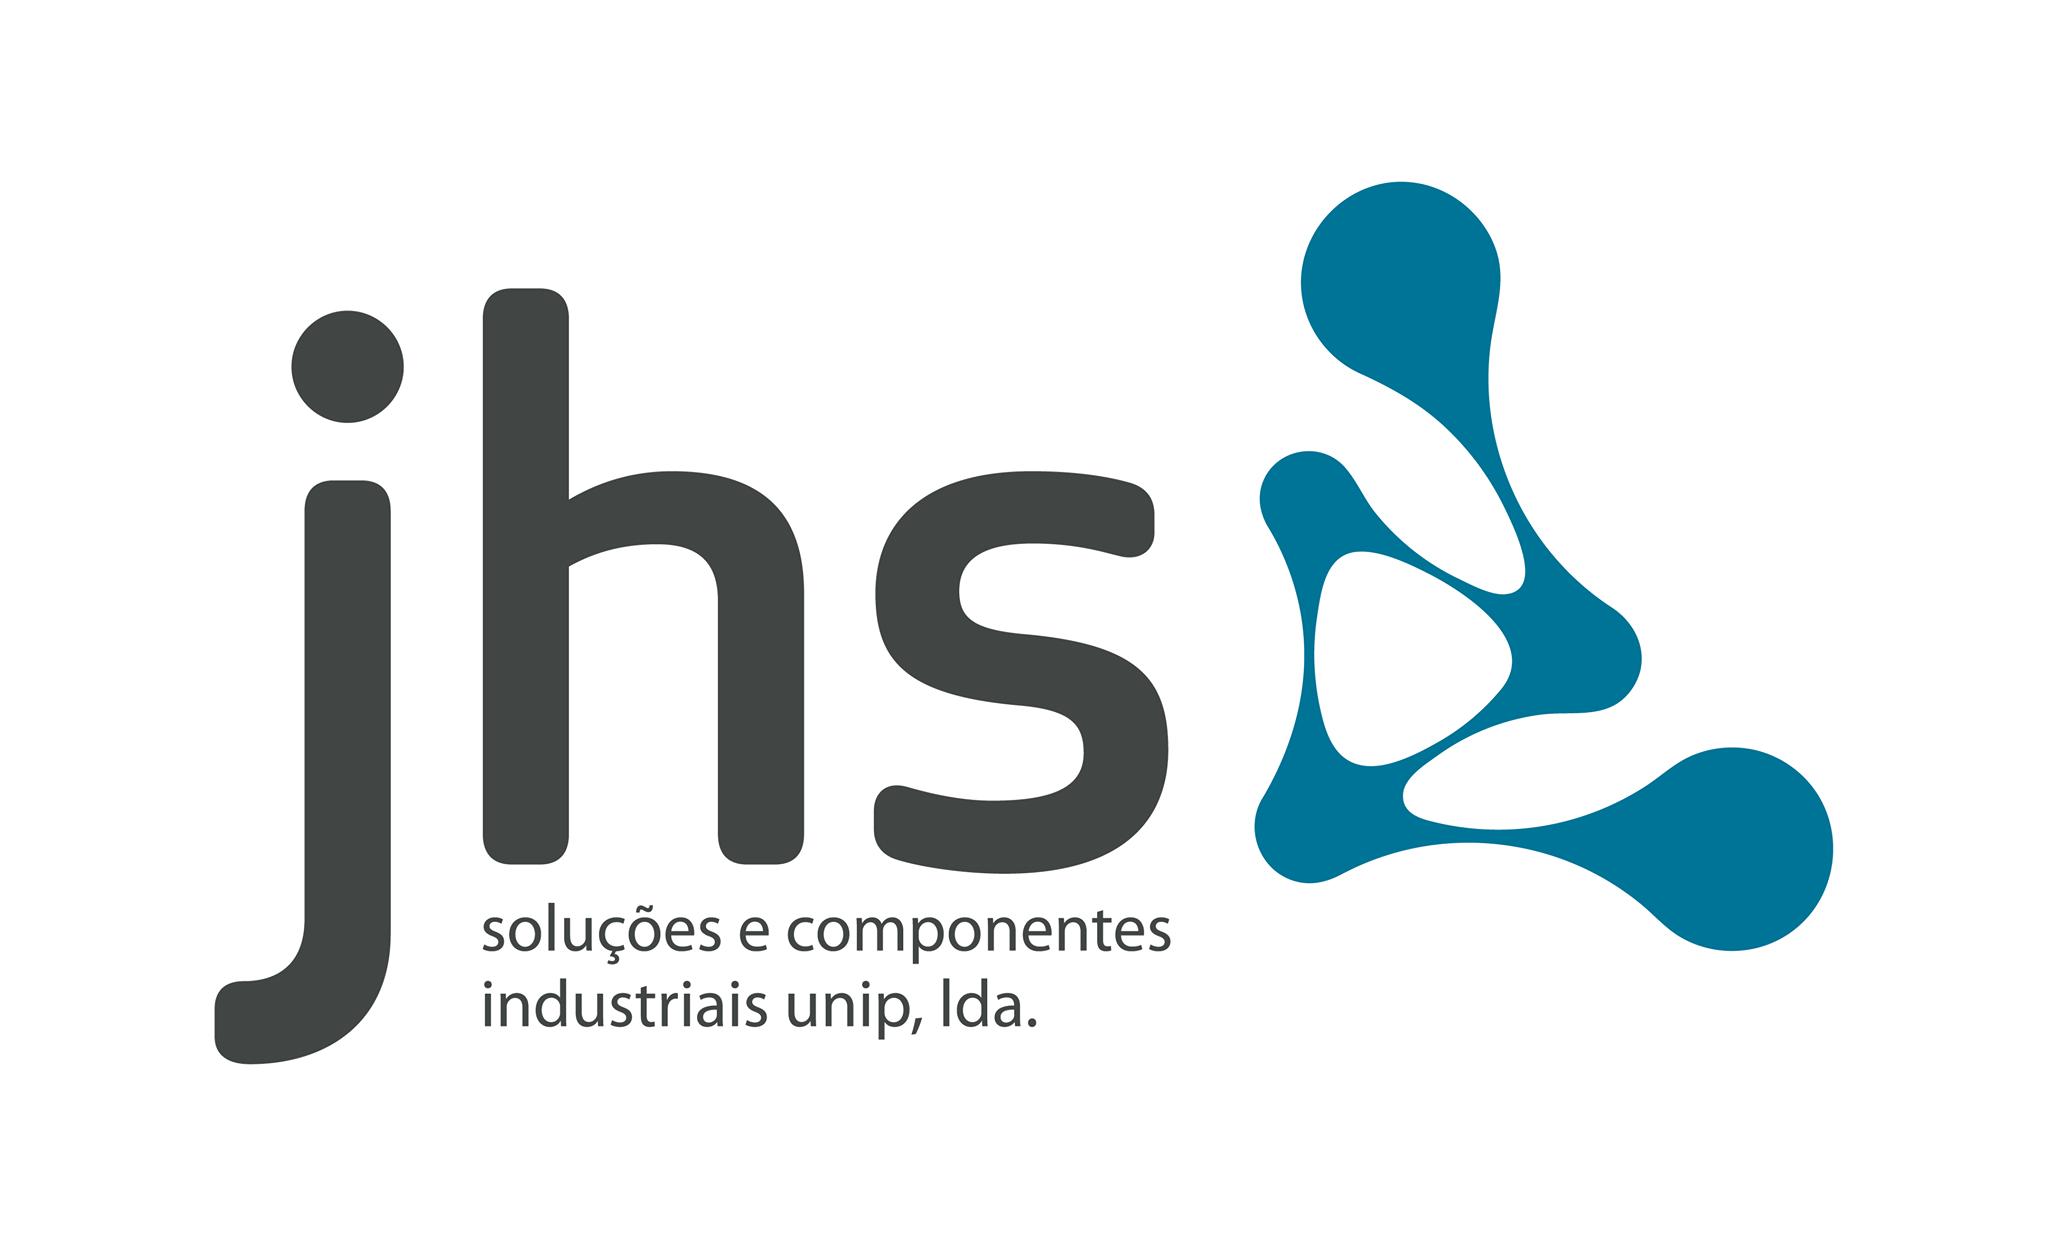 JHS - Soluções e Componentes Industriais